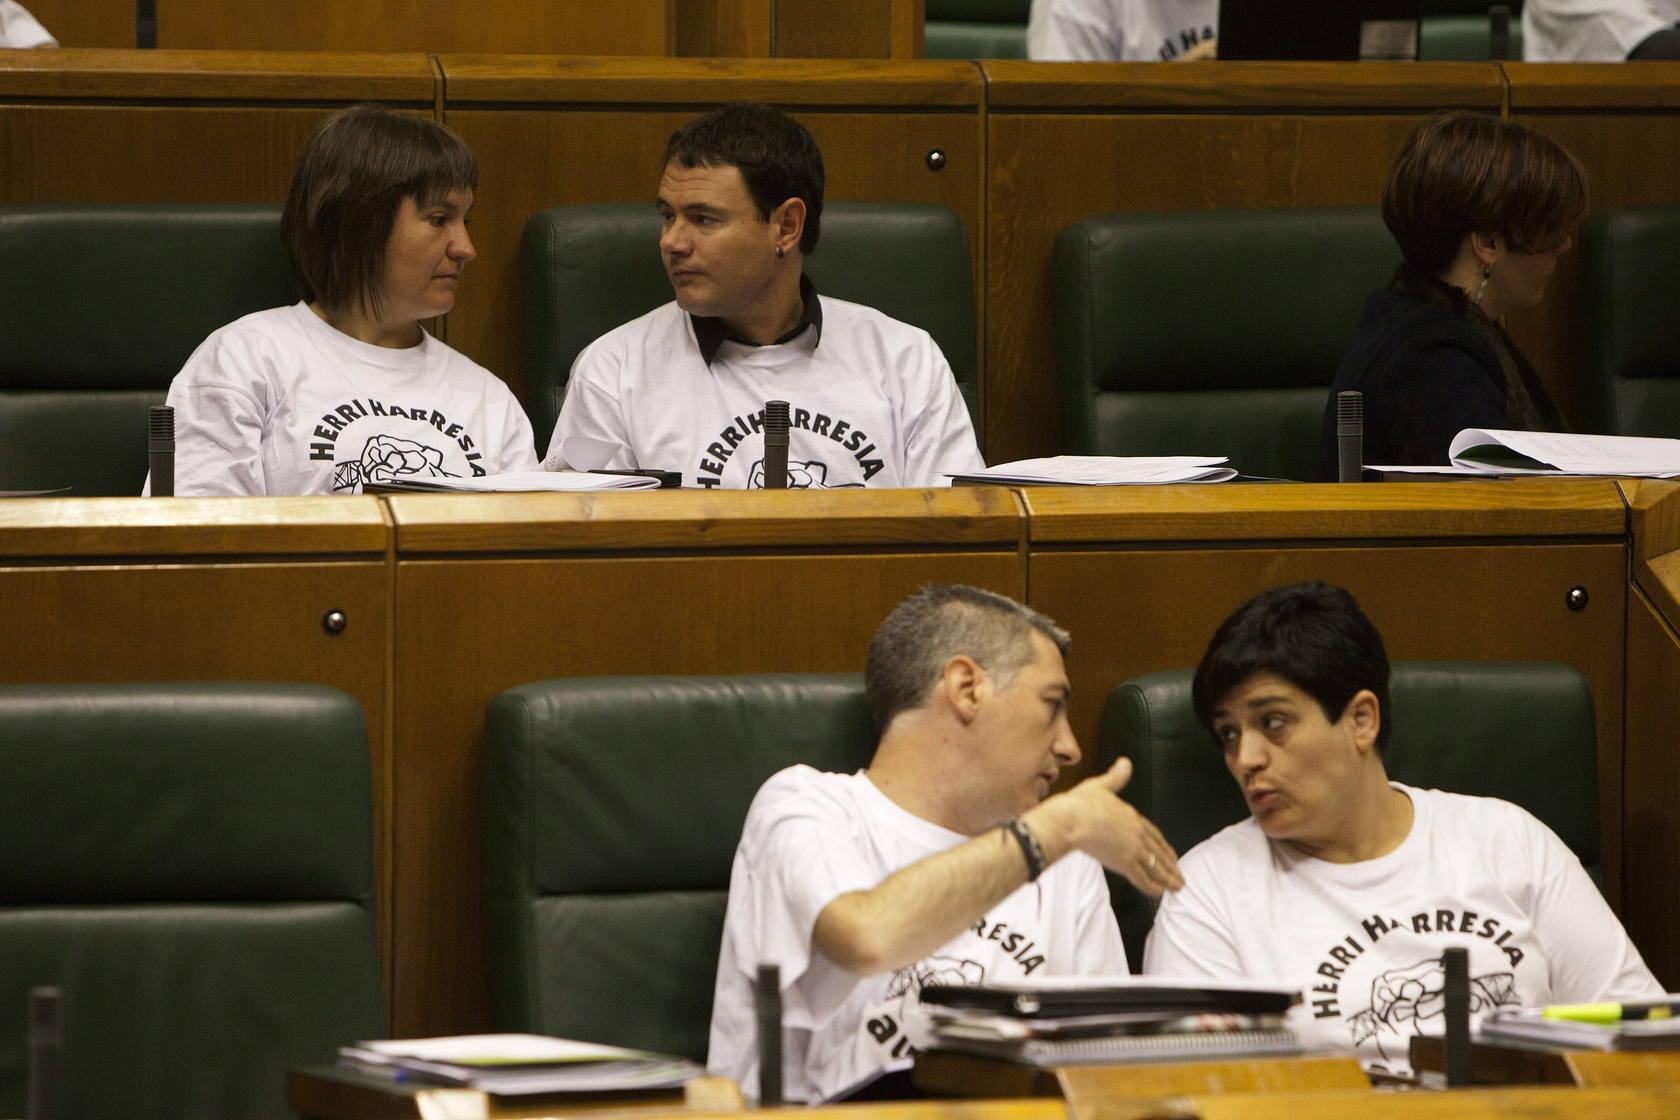 Los parlamentarios de EH Bildu llevan al pleno camisetas a favor del 'muro popular' de Ondarroa